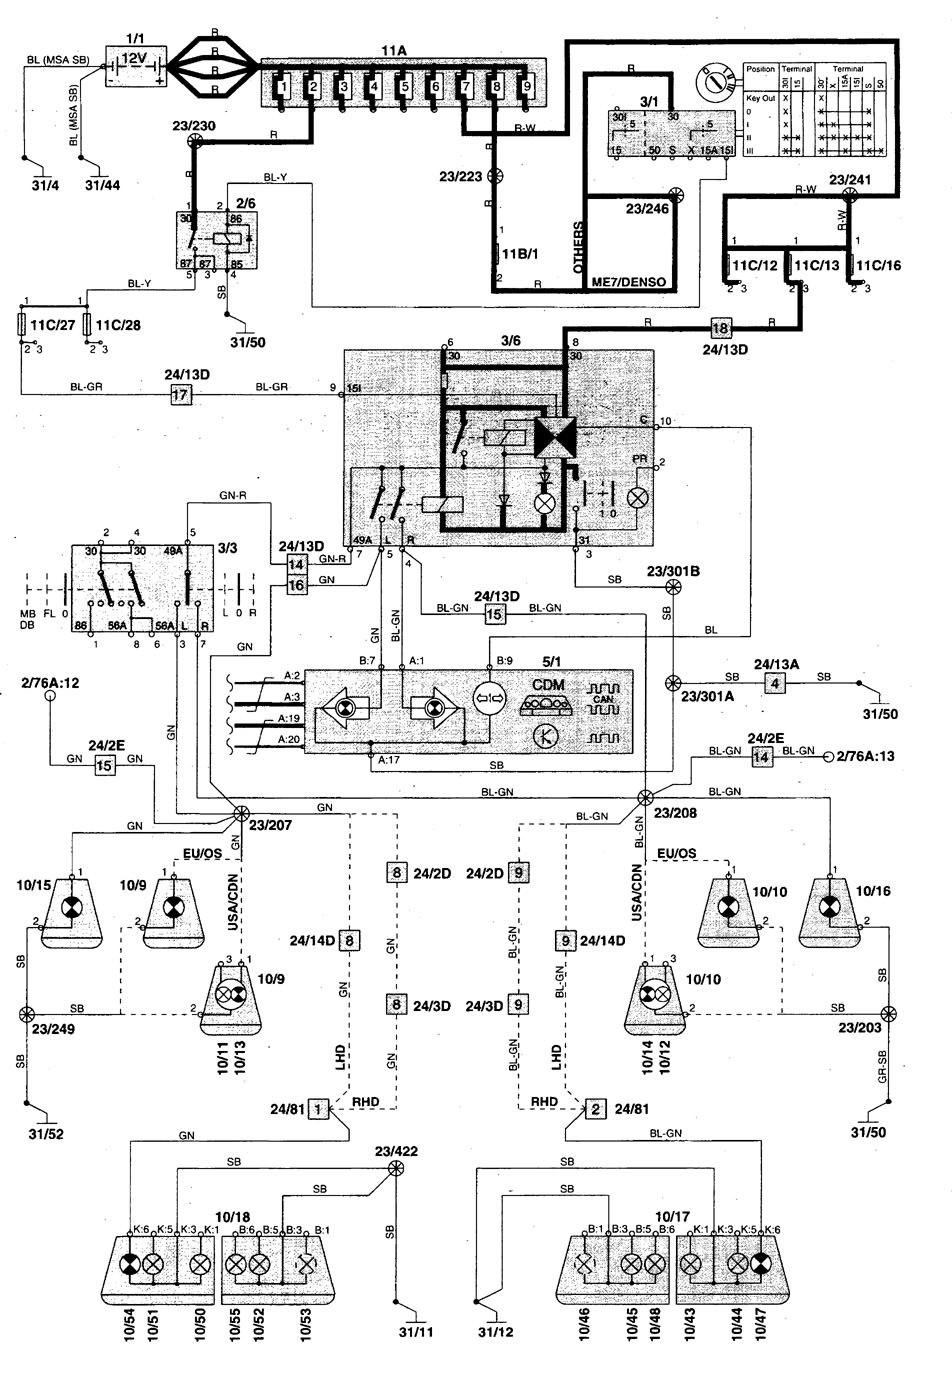 99 volvo s80 wiring diagram wiring diagram rh vw6 vom winnenthal de  1999 volvo s70 radio wiring diagram